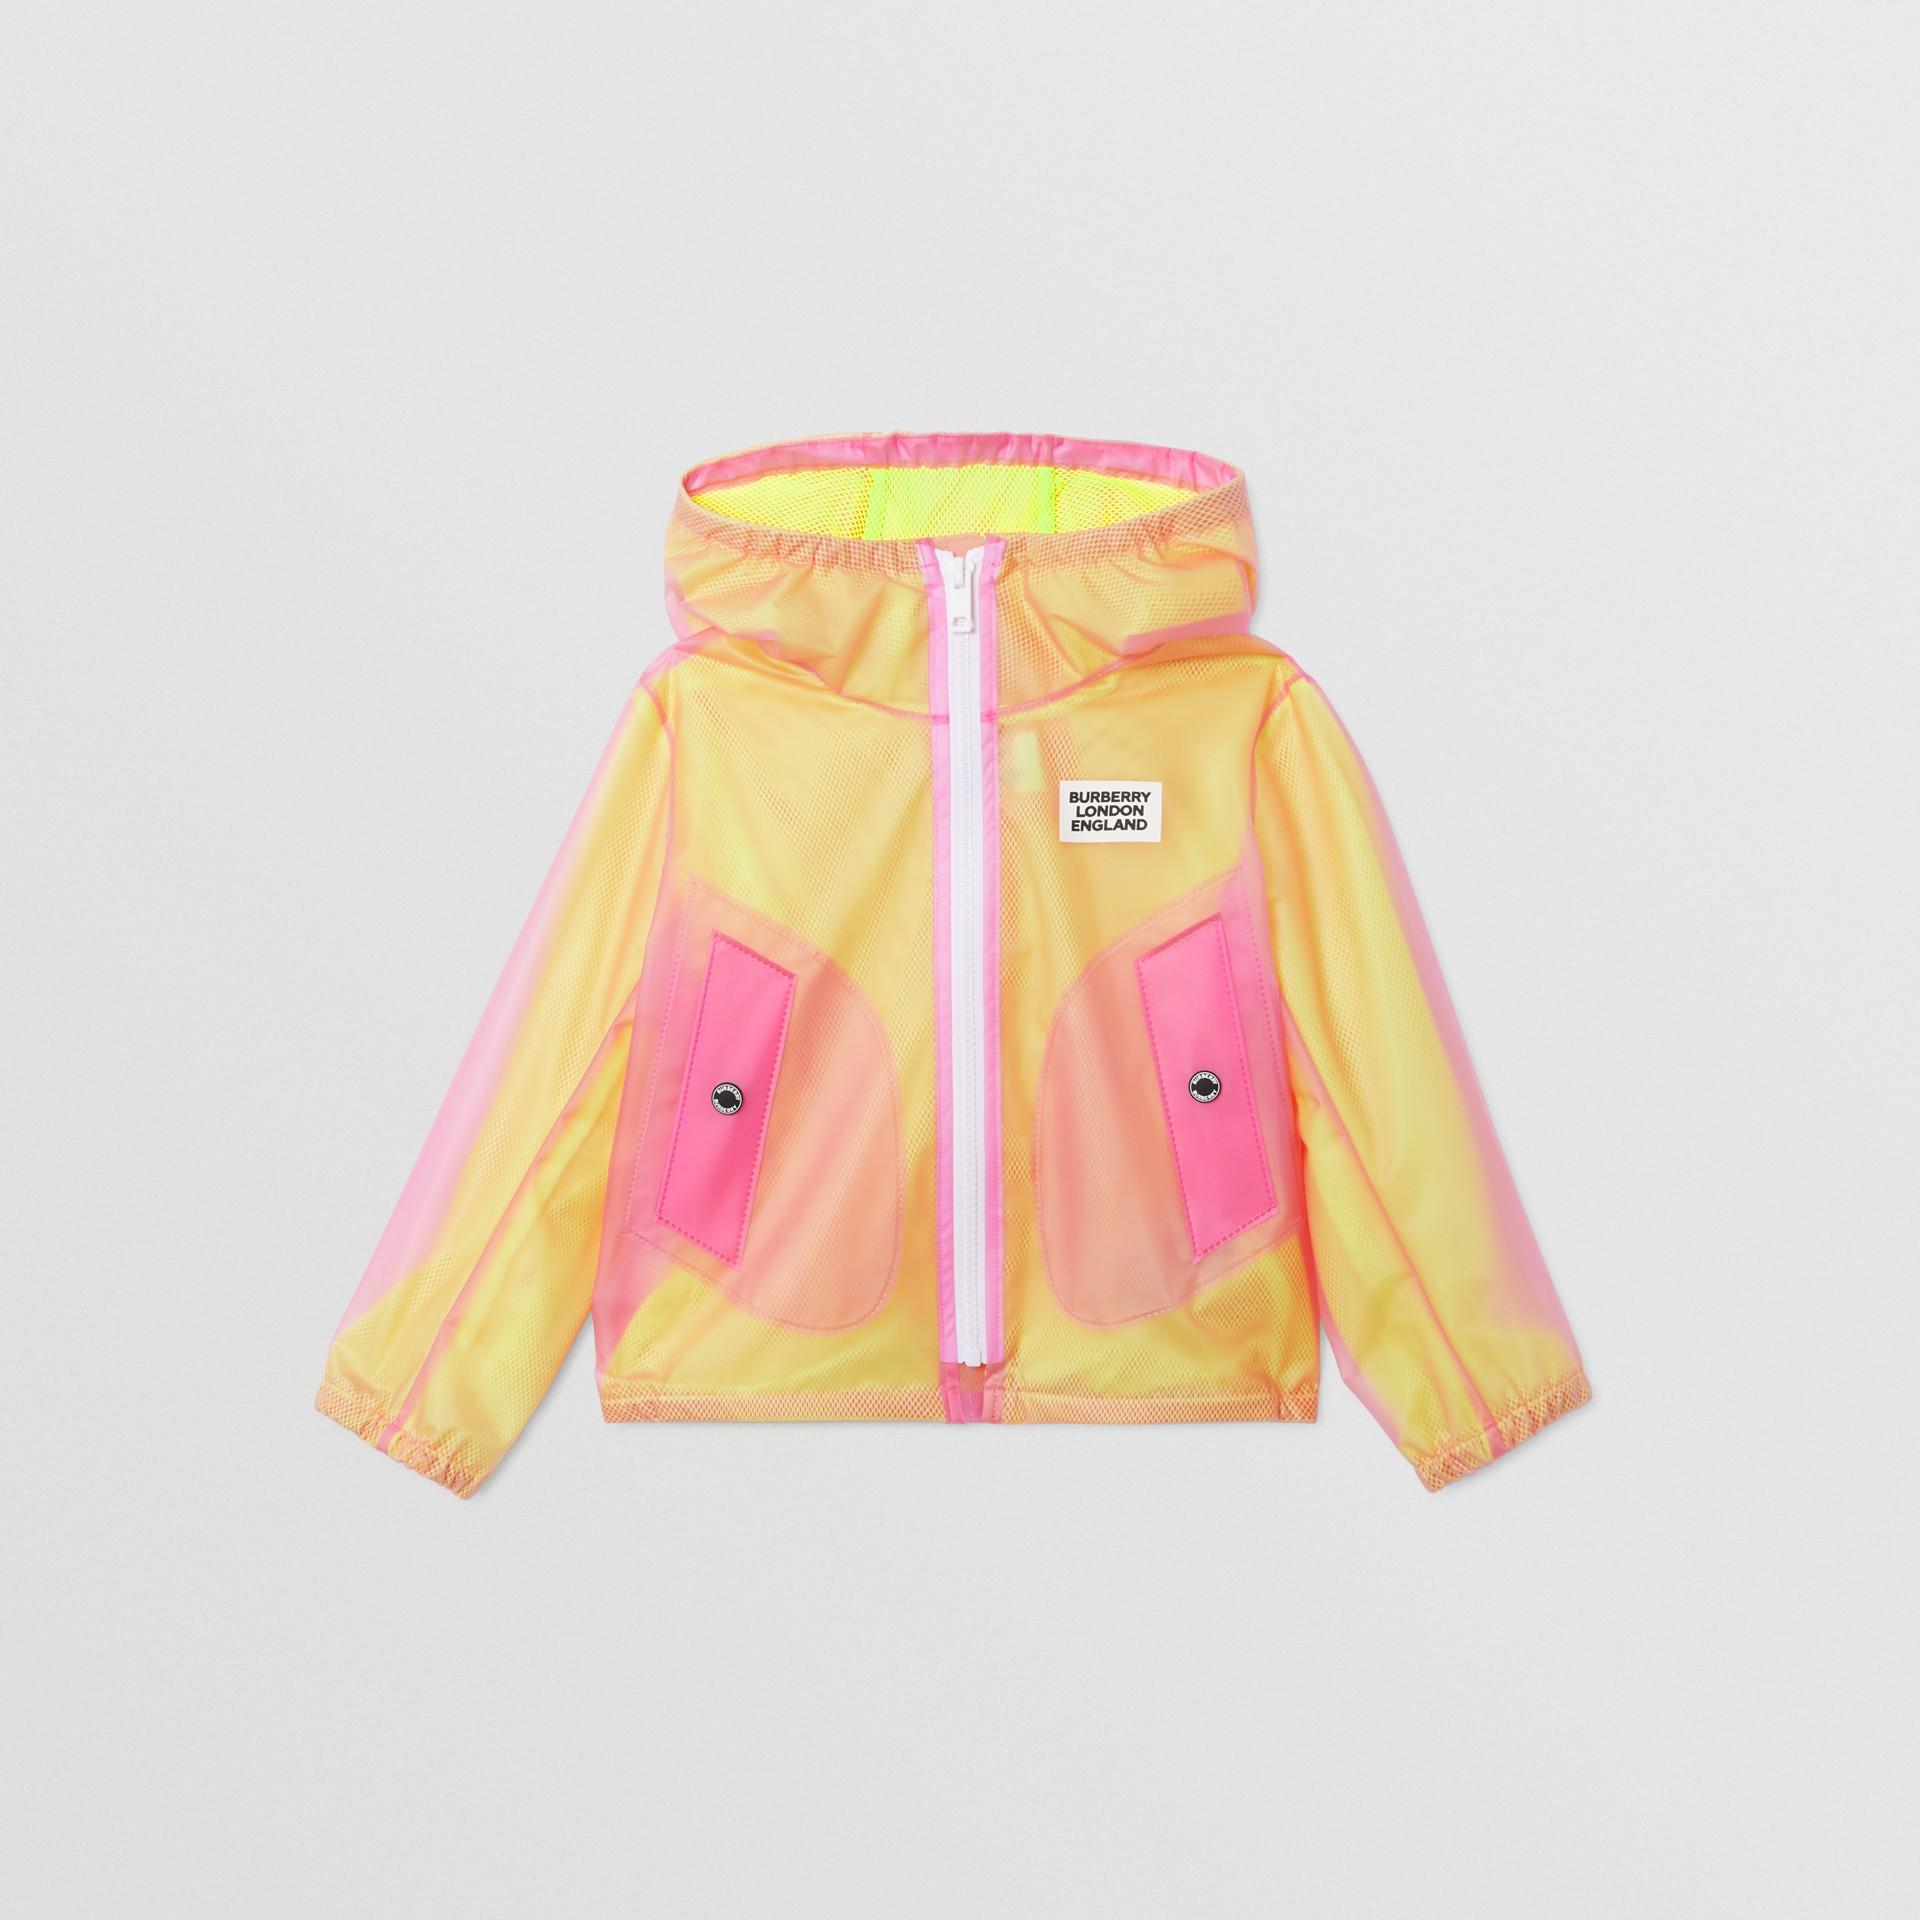 ロゴプリント ライトウェイト フーデッドジャケット (ラズベリーピンク)   バーバリー - ギャラリーイメージ 0